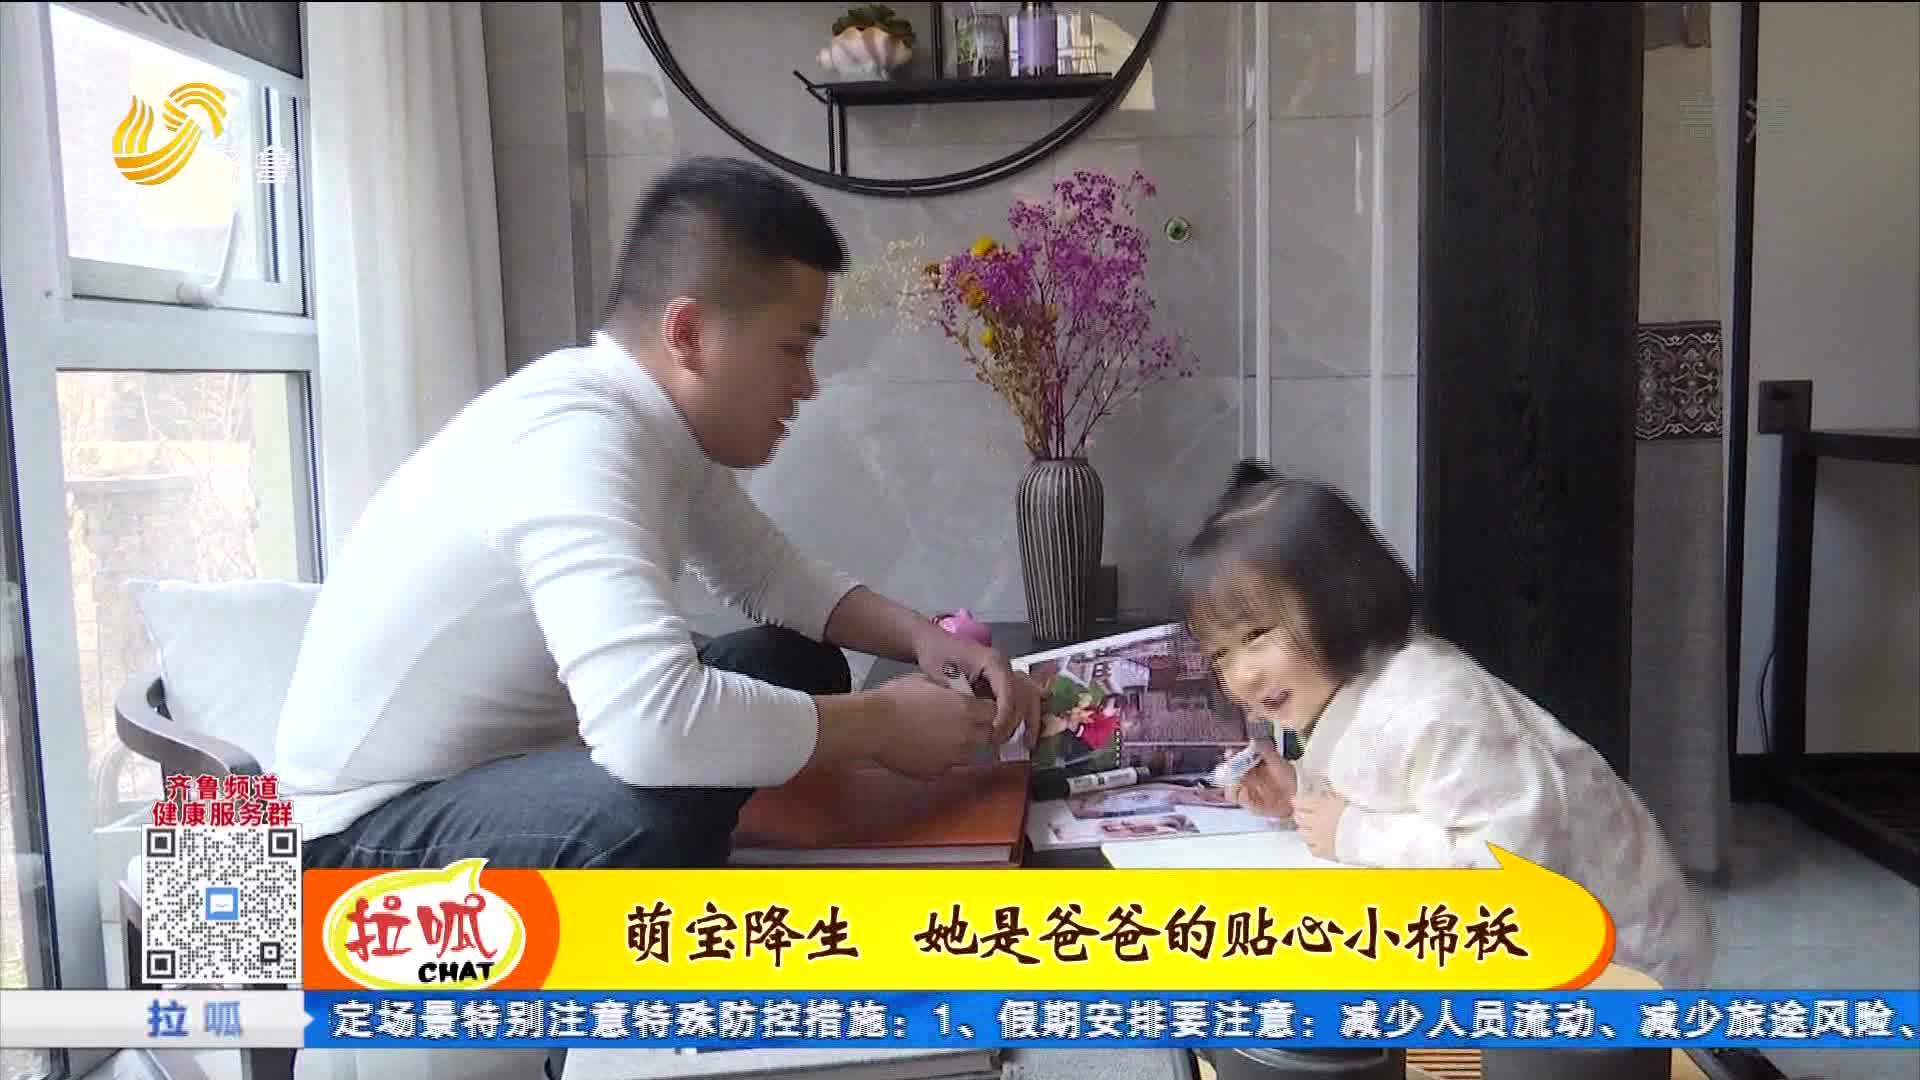 青州:老爹身板当画板 父女有爱互动引网友围观